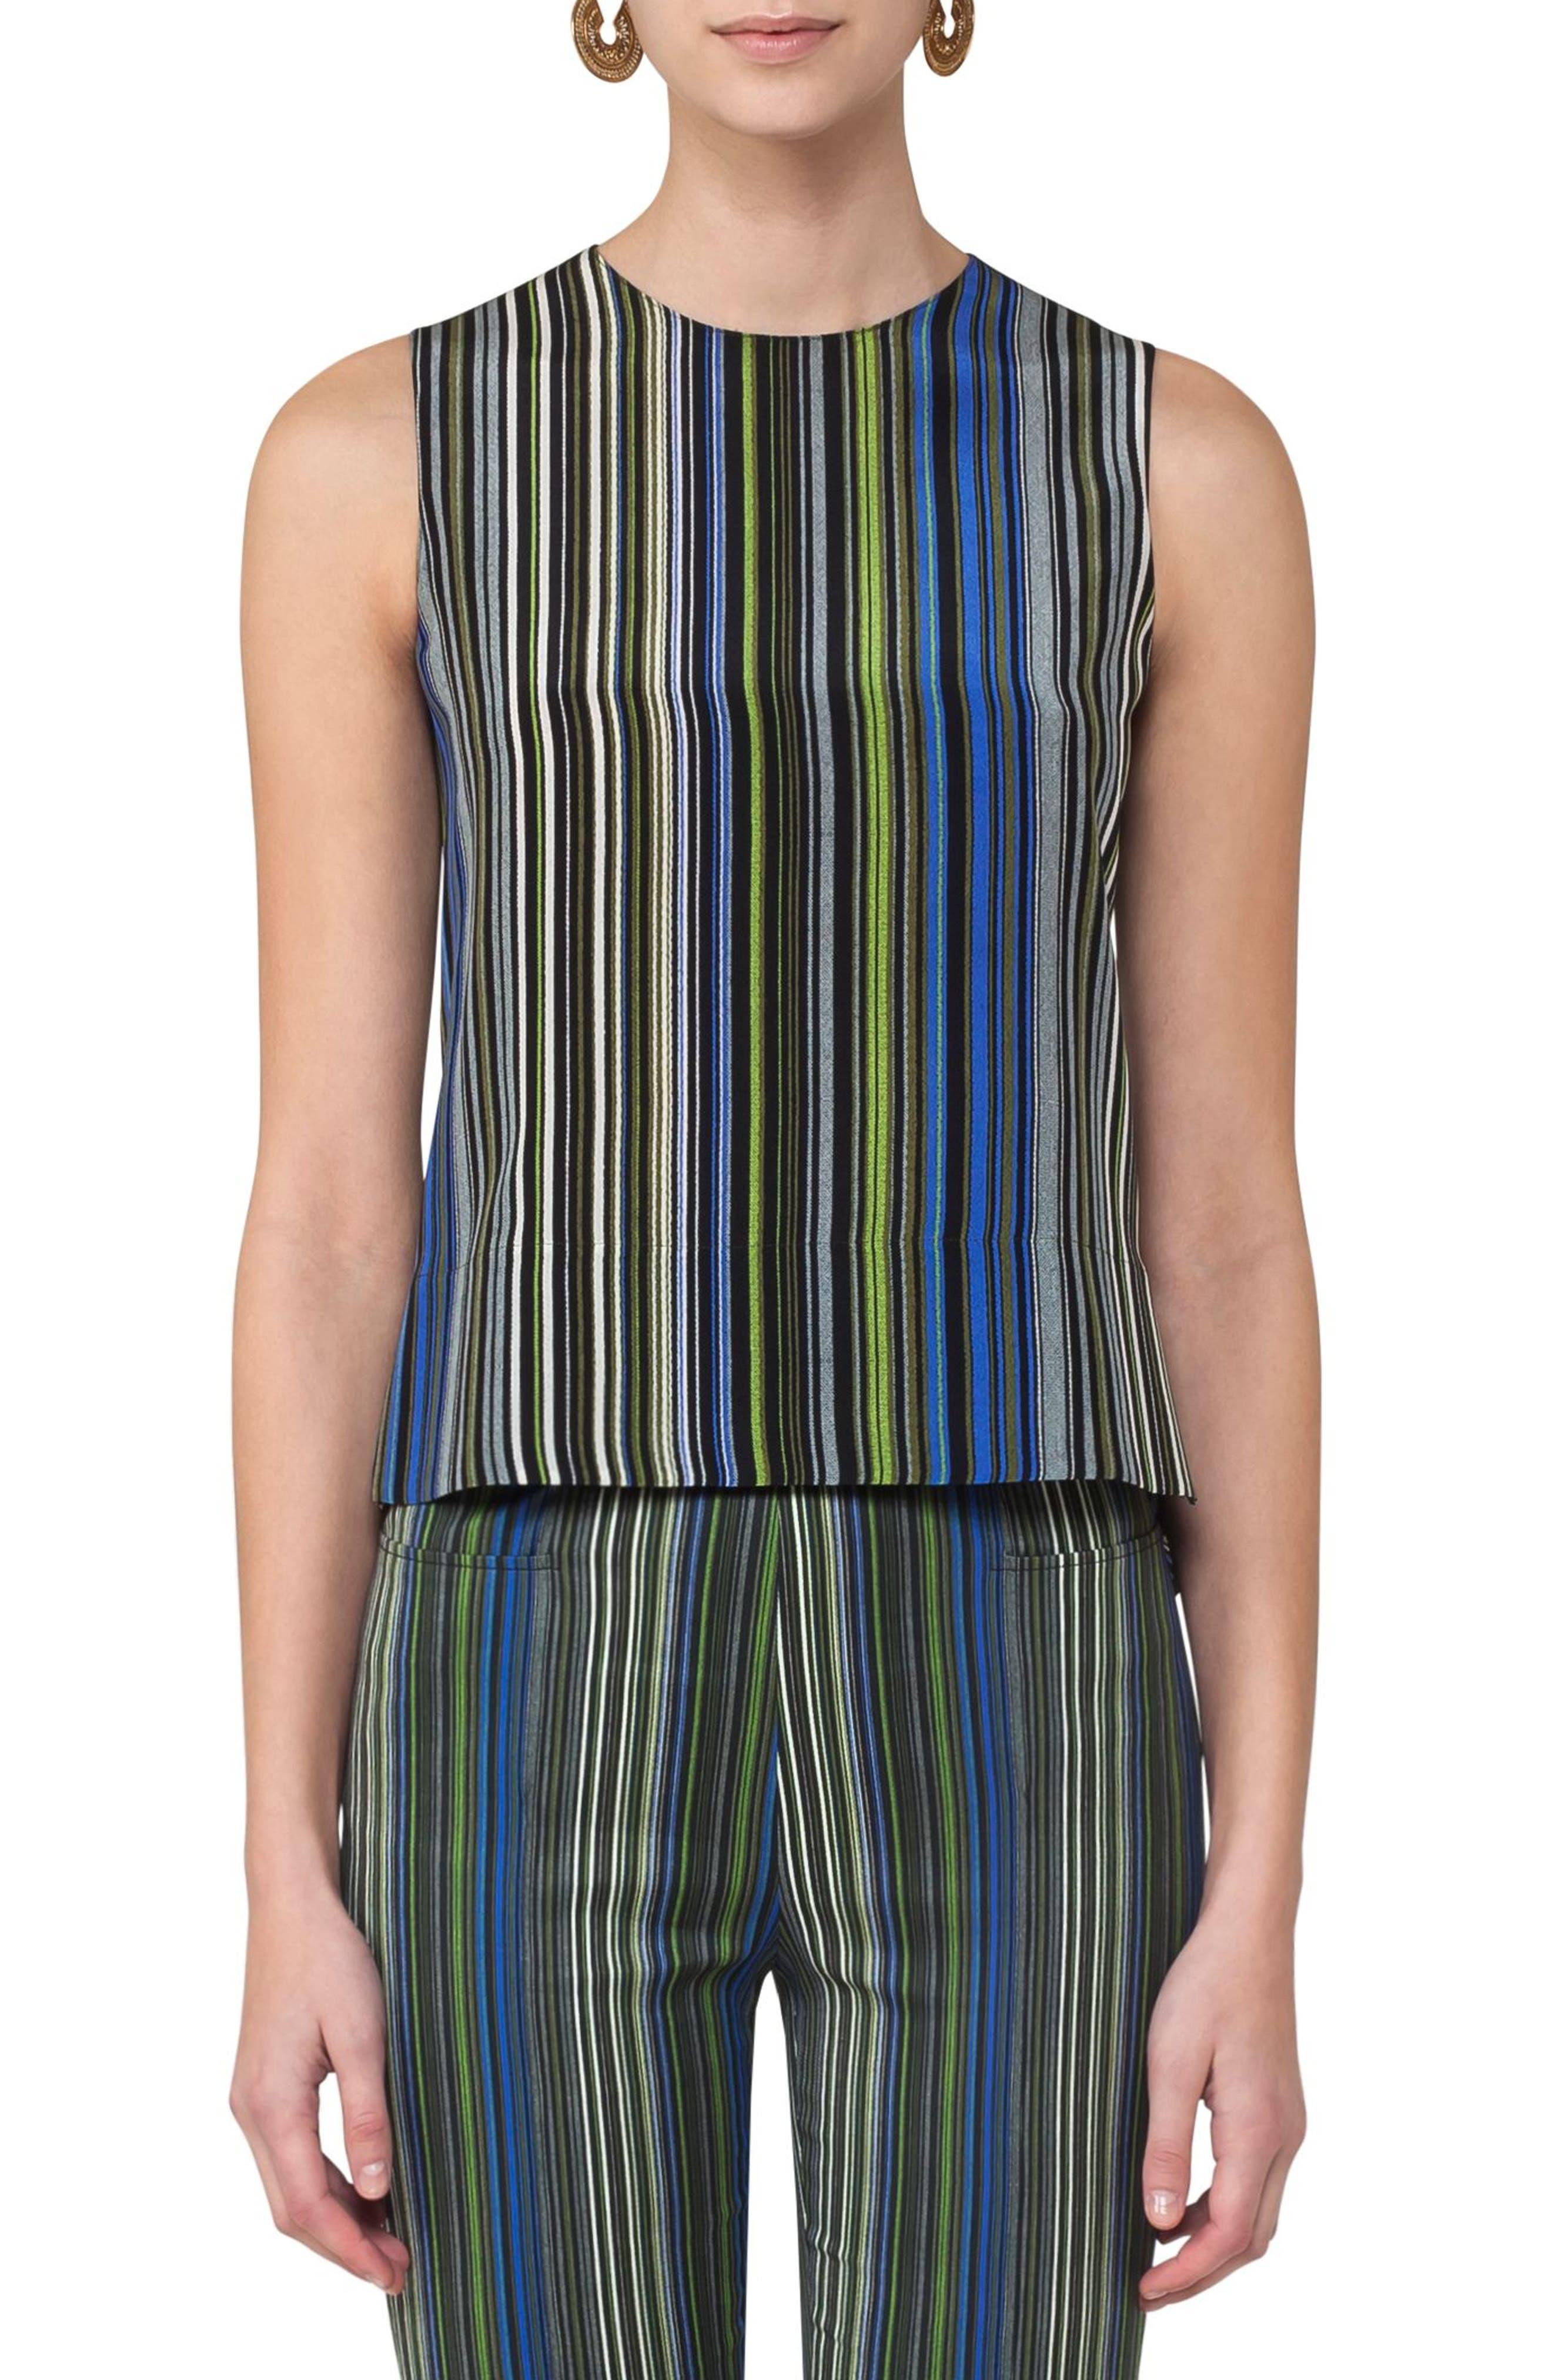 Paracas Stripe Silk Blouse,                             Main thumbnail 1, color,                             Multicolor Stripe